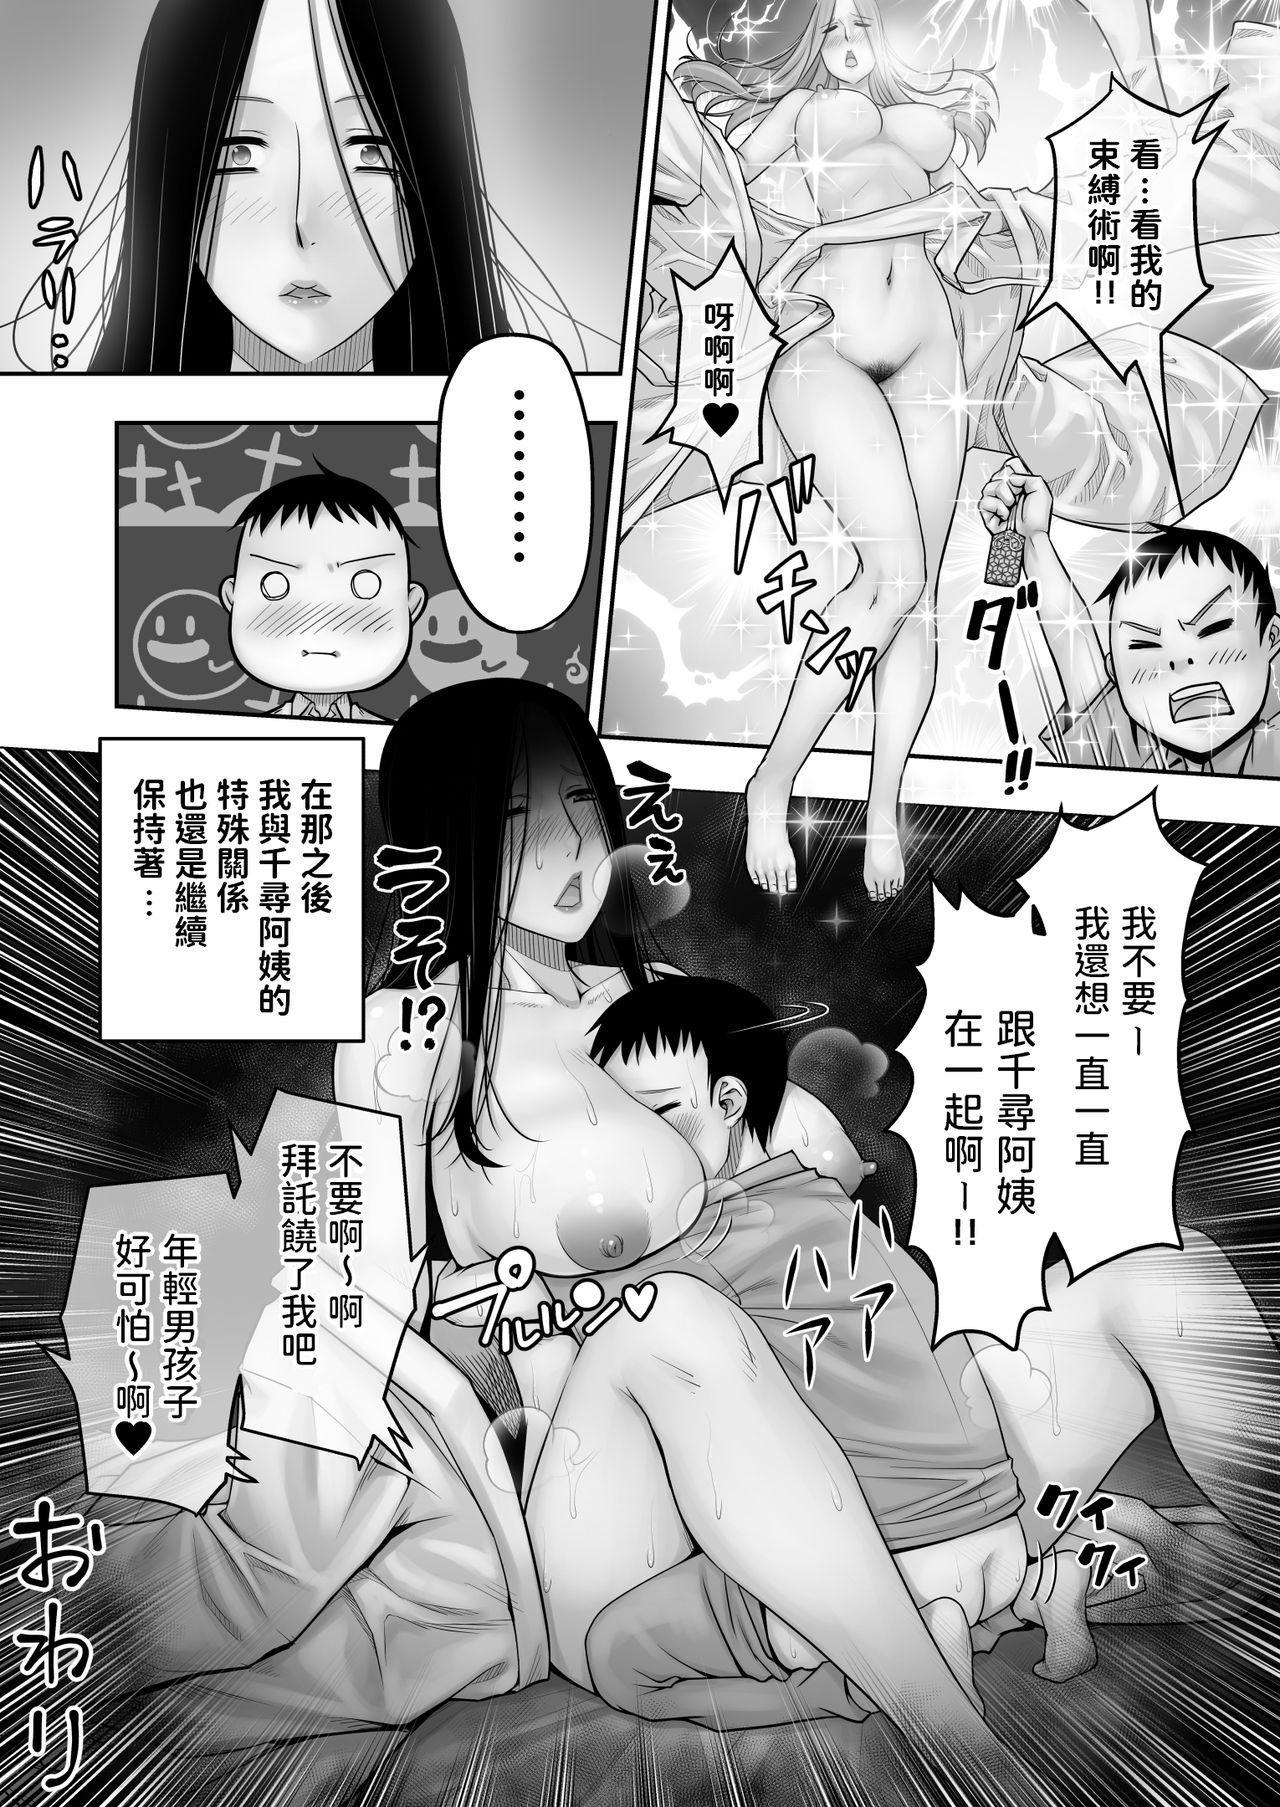 Doutei ga Heya ni Toritsuite Iru Onna Yuurei ni Gyaku Kanashibari o Kaketa Kekka 40